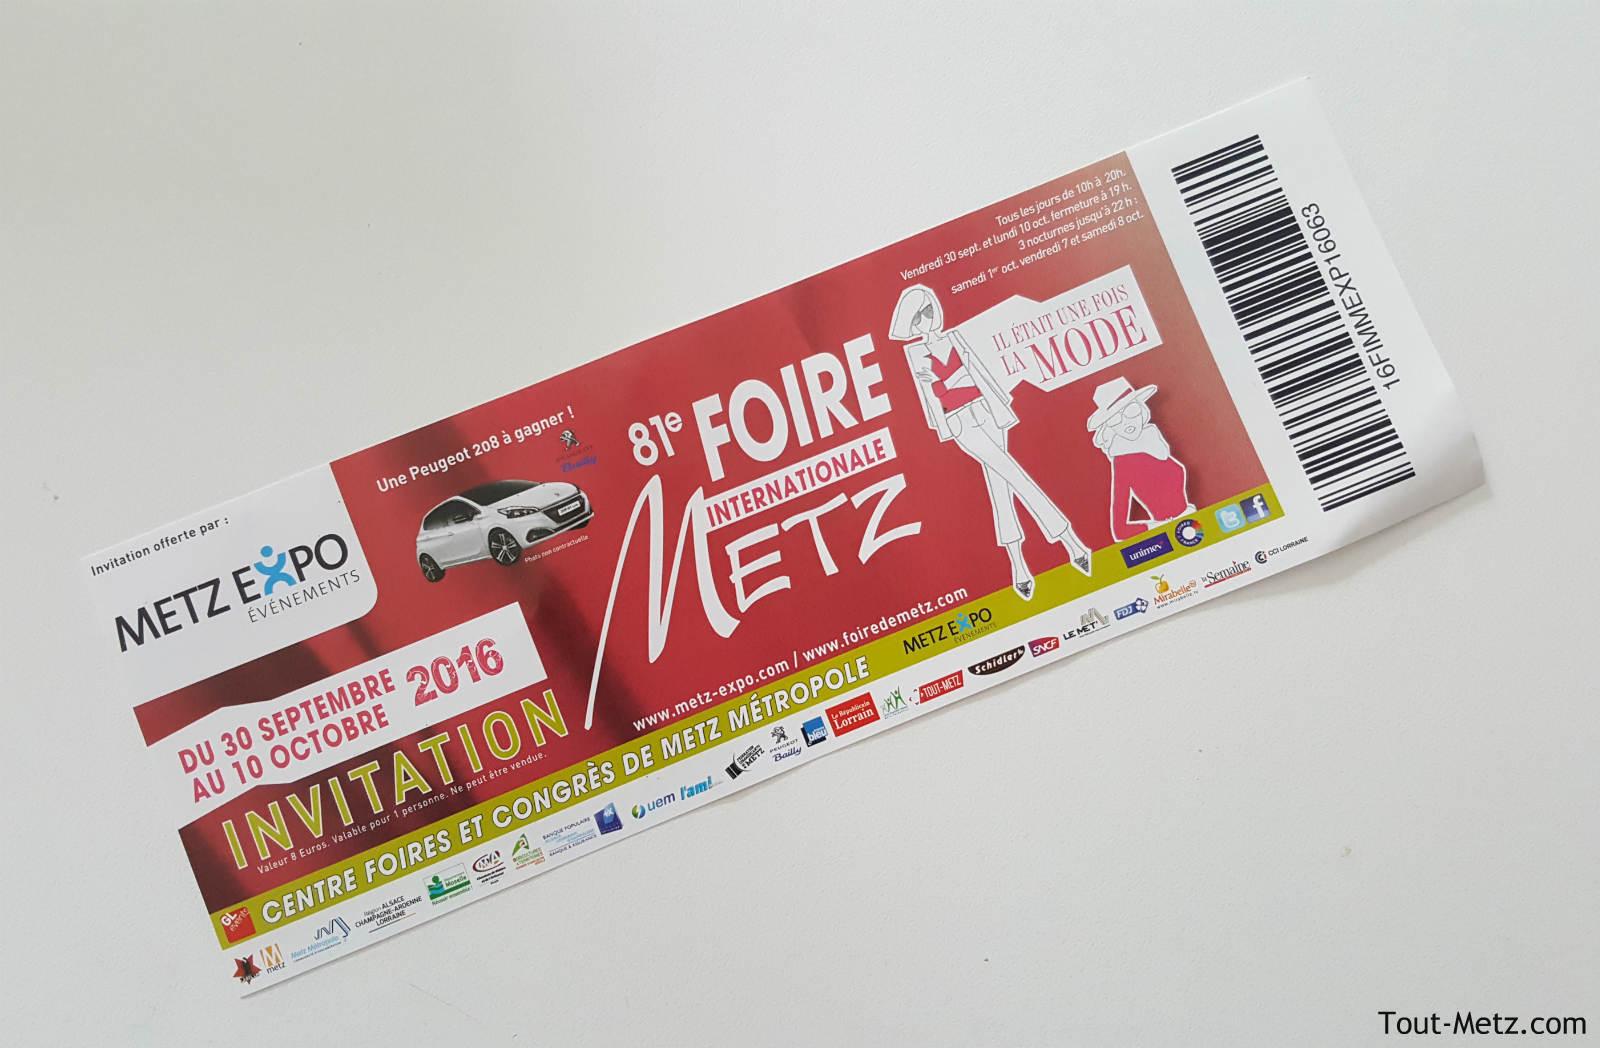 Gagnez vos places à la FIM 2016 avec Tout-Metz !